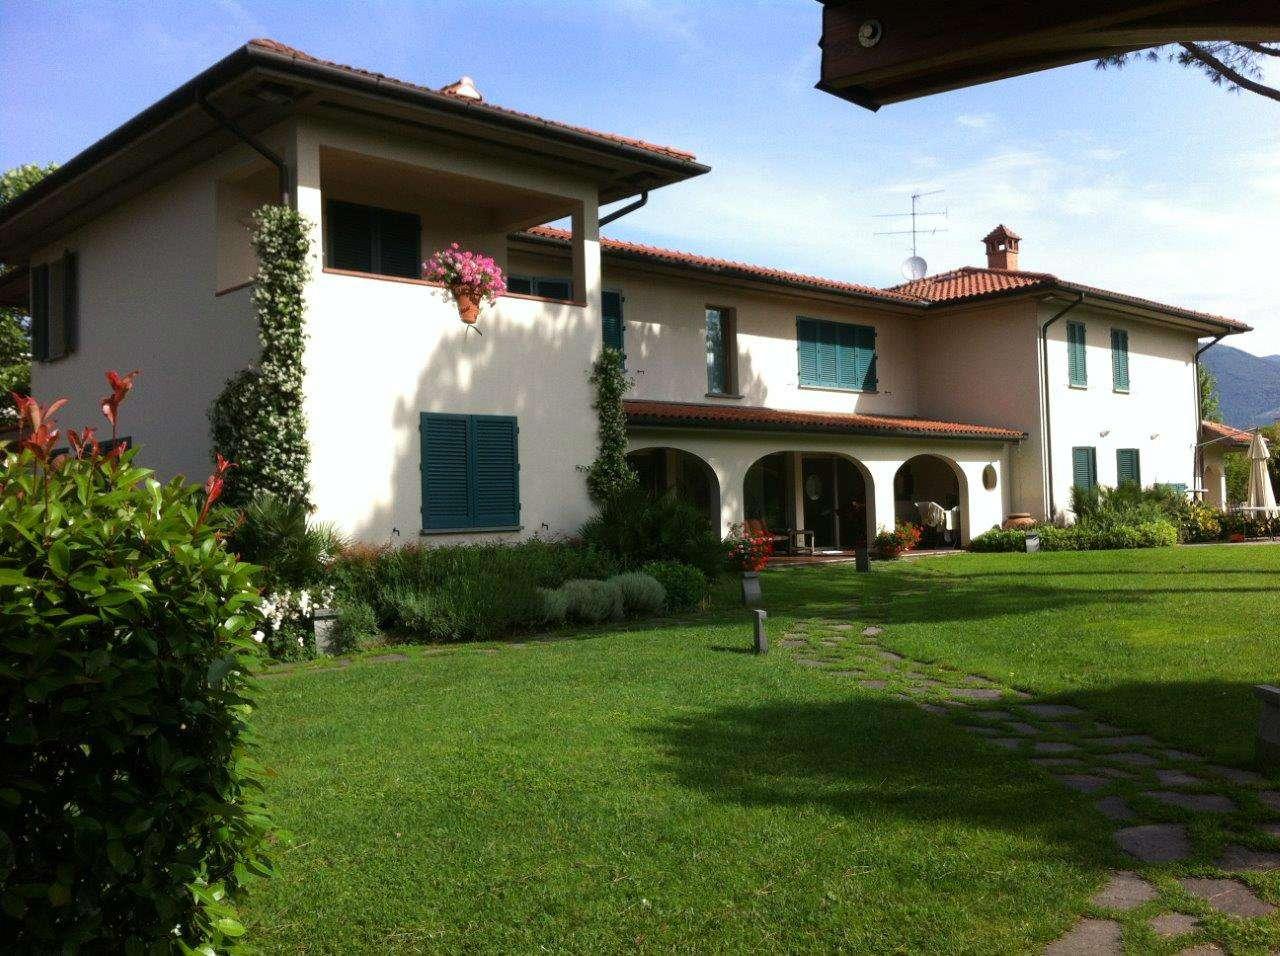 Villa in vendita a Agliana, 6 locali, Trattative riservate | CambioCasa.it